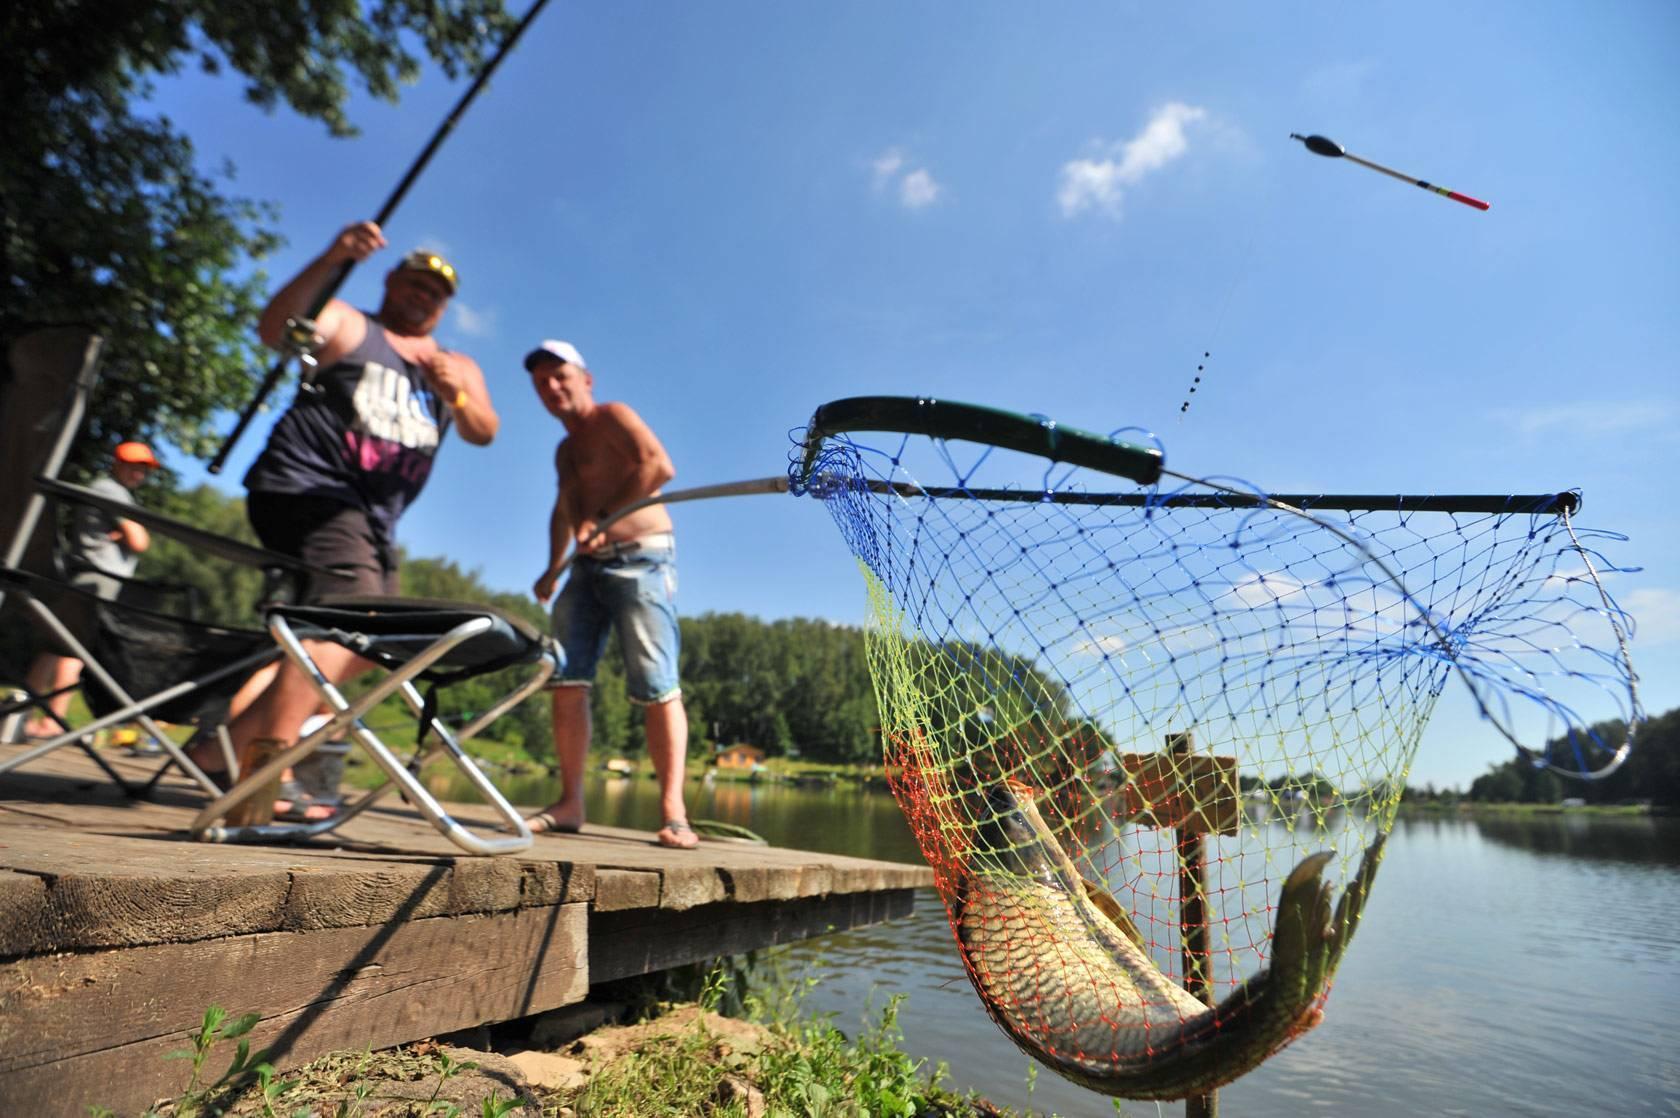 10 лучших платных прудов для рыбалки в подмосковье